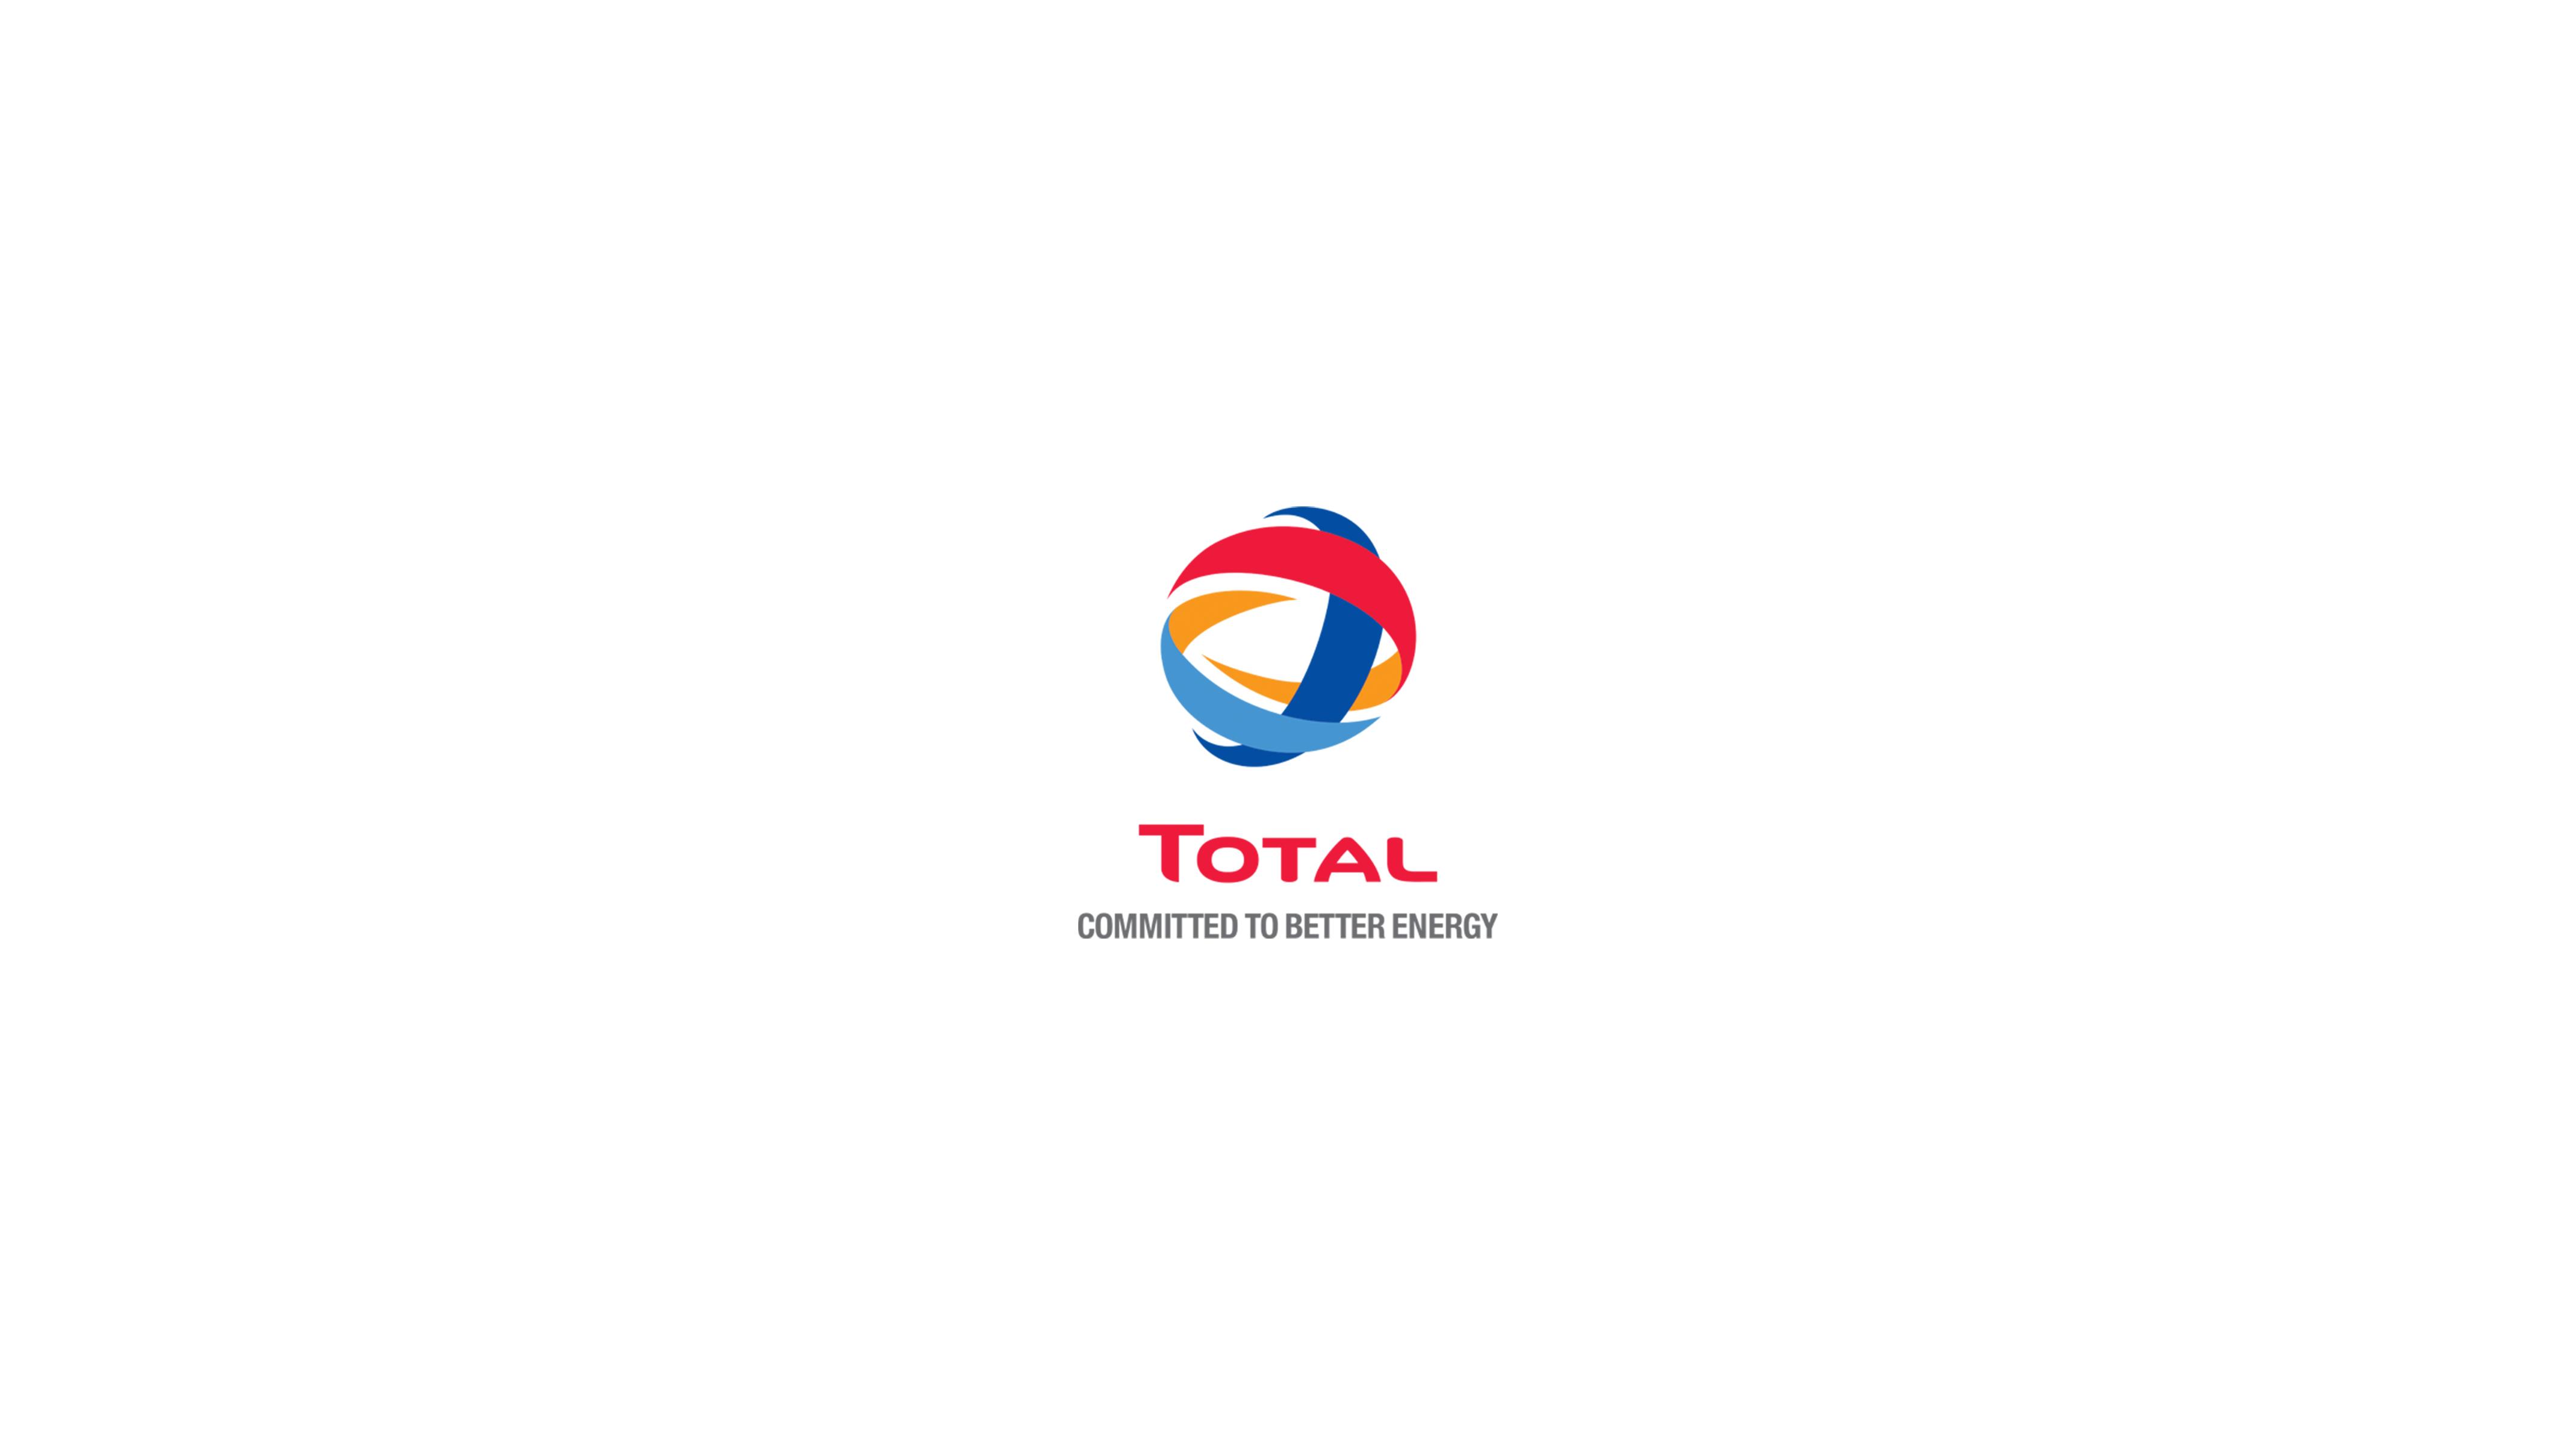 TOTAL Ghana's logo